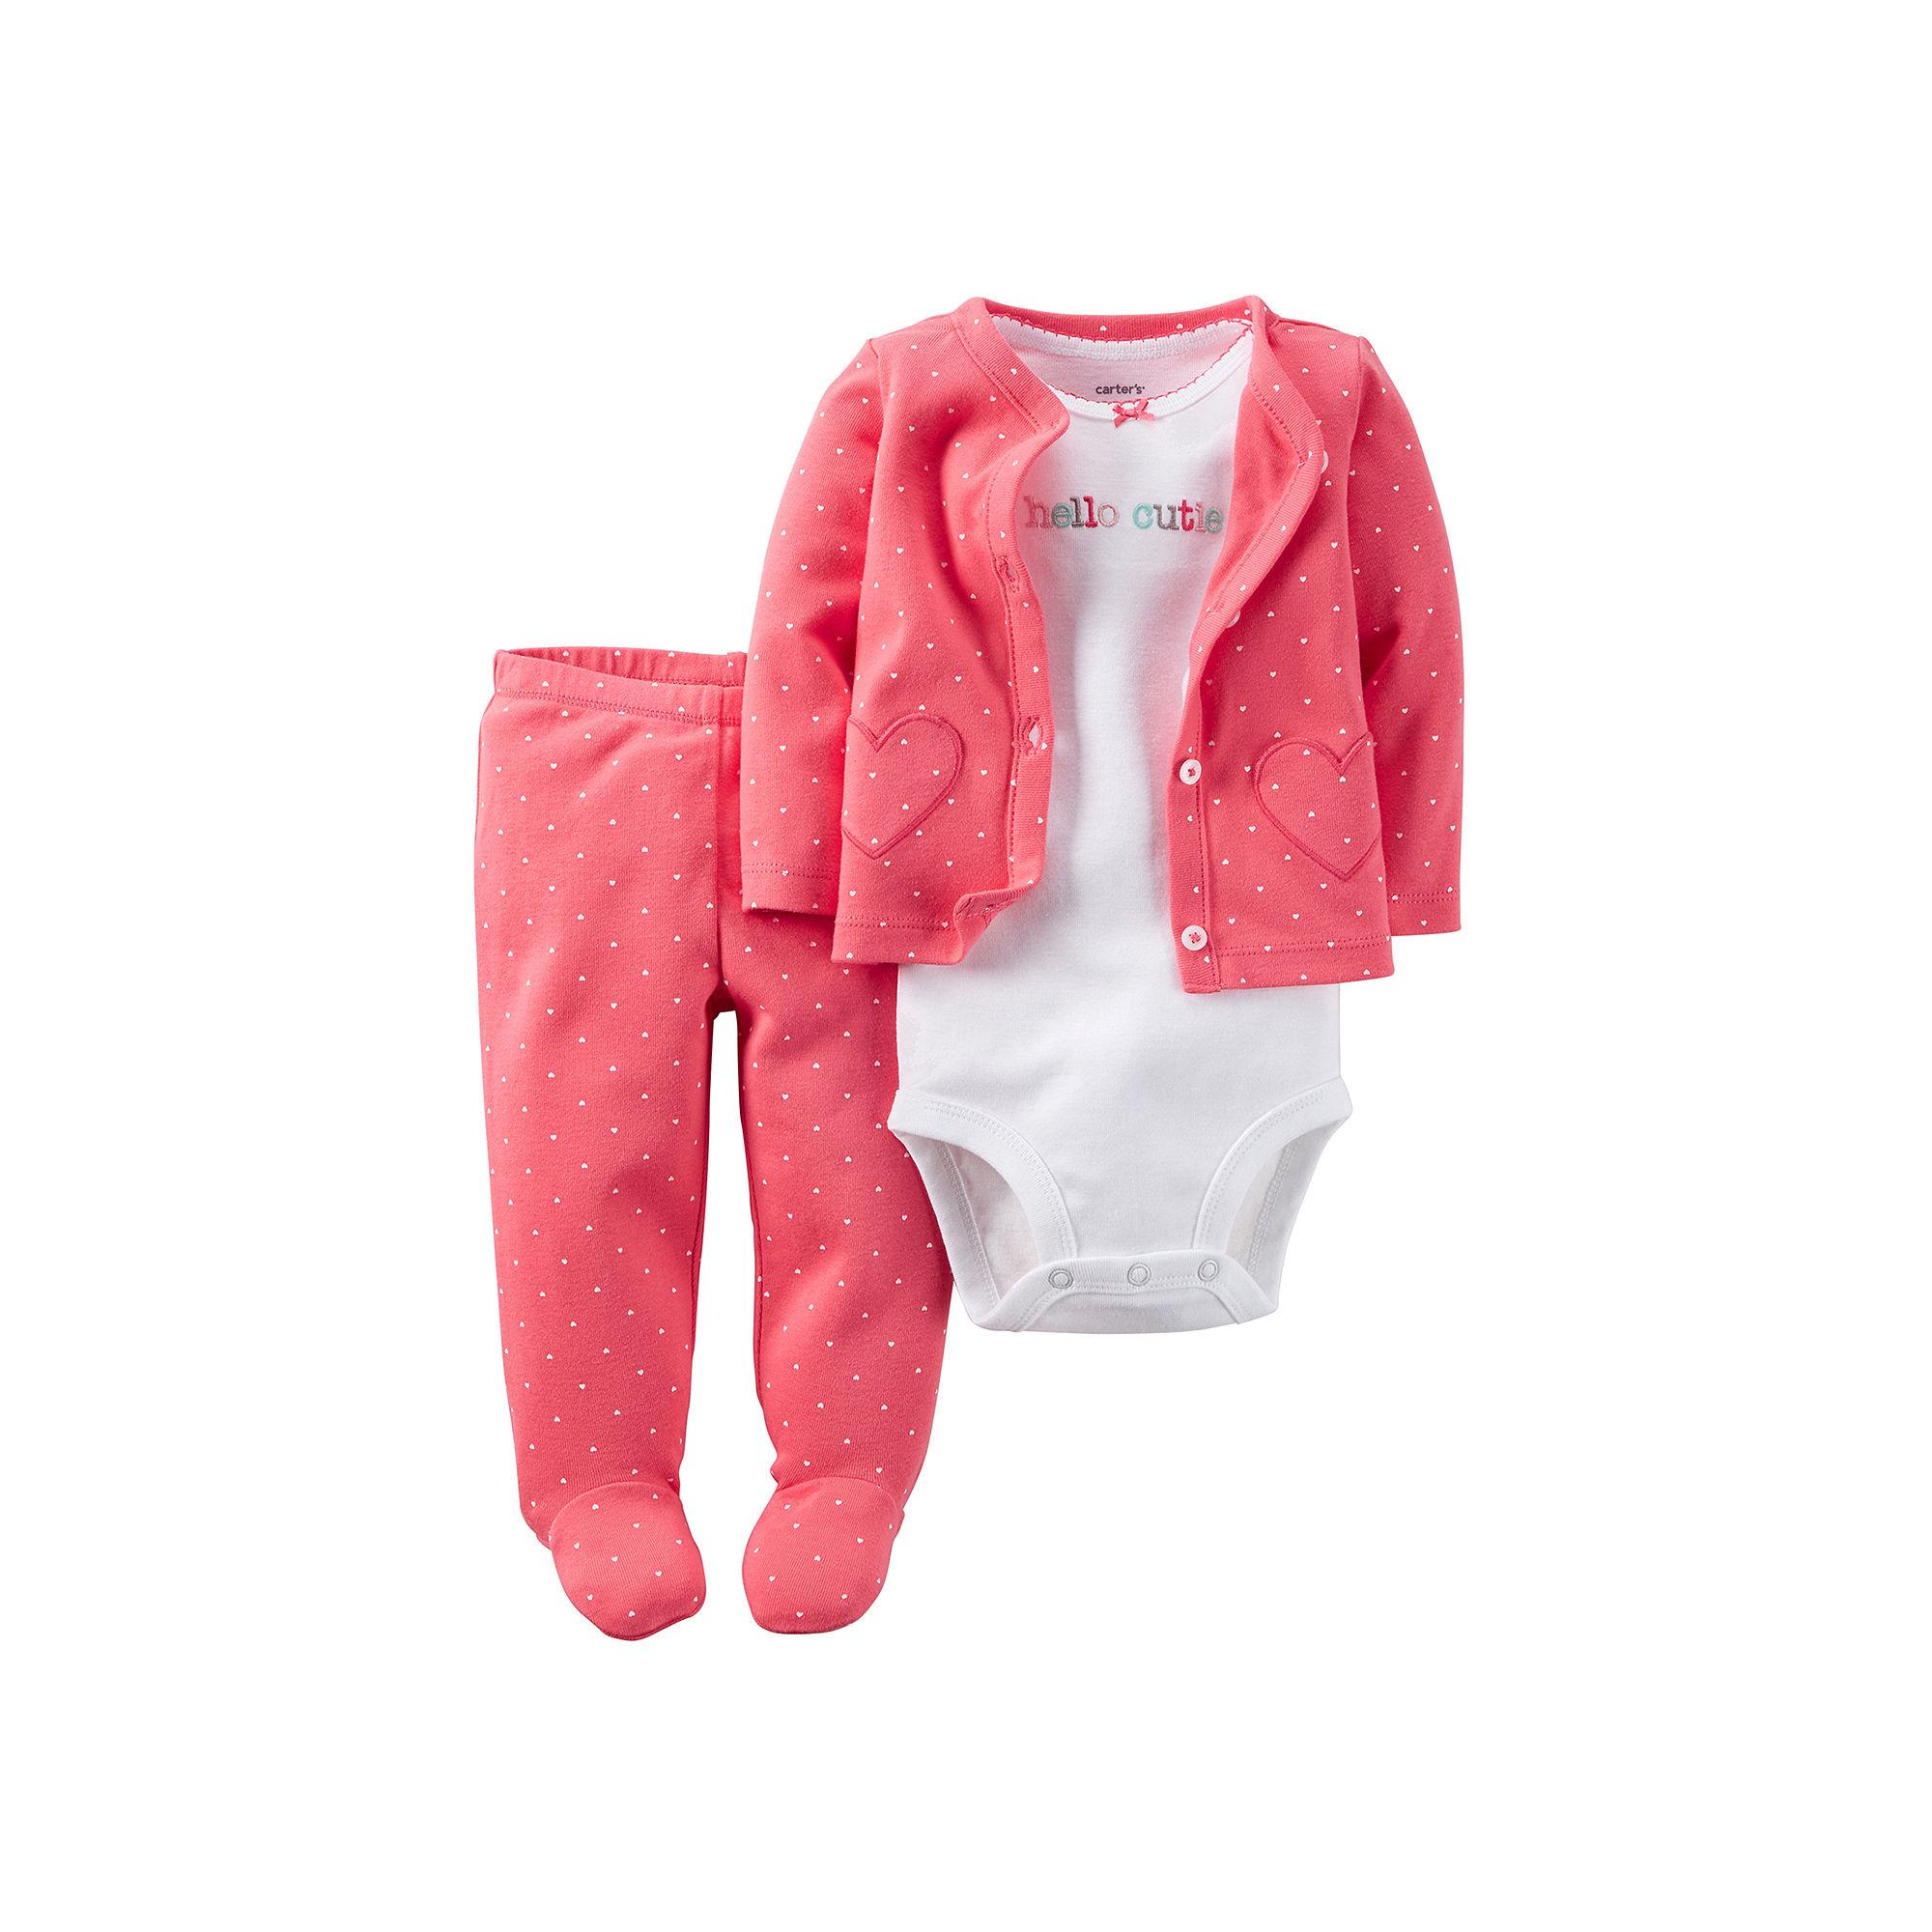 a42e91ecbd86 UPC 888767678003 - Carter s® Baby Girls  3-Piece Hello Cutie Polka ...